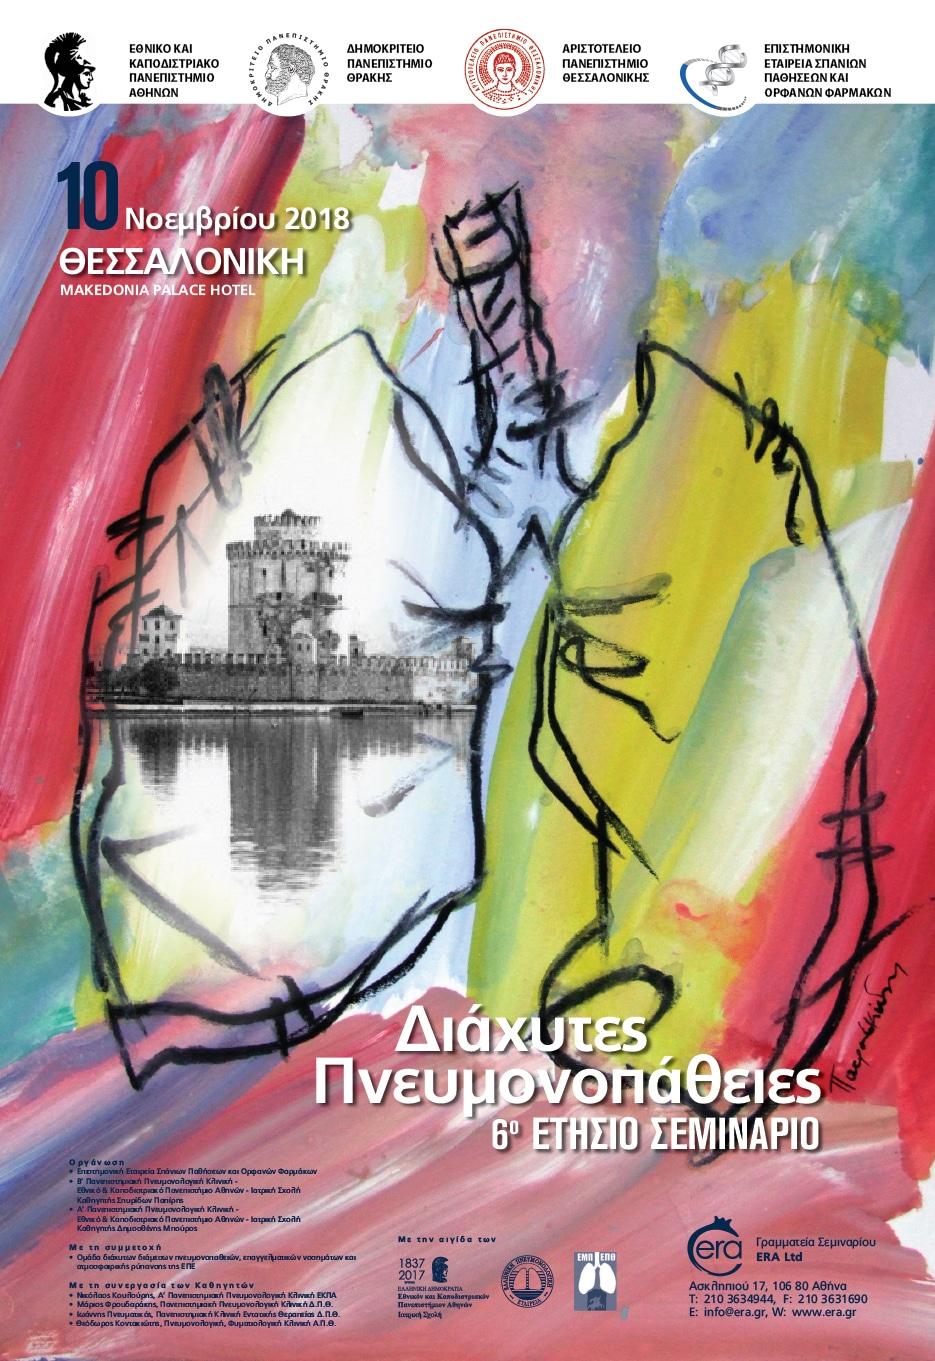 Διάχυτες Πνευμονοπάθειες- 6ο Ετήσιο Σεμινάριο Θεσσαλονίκη